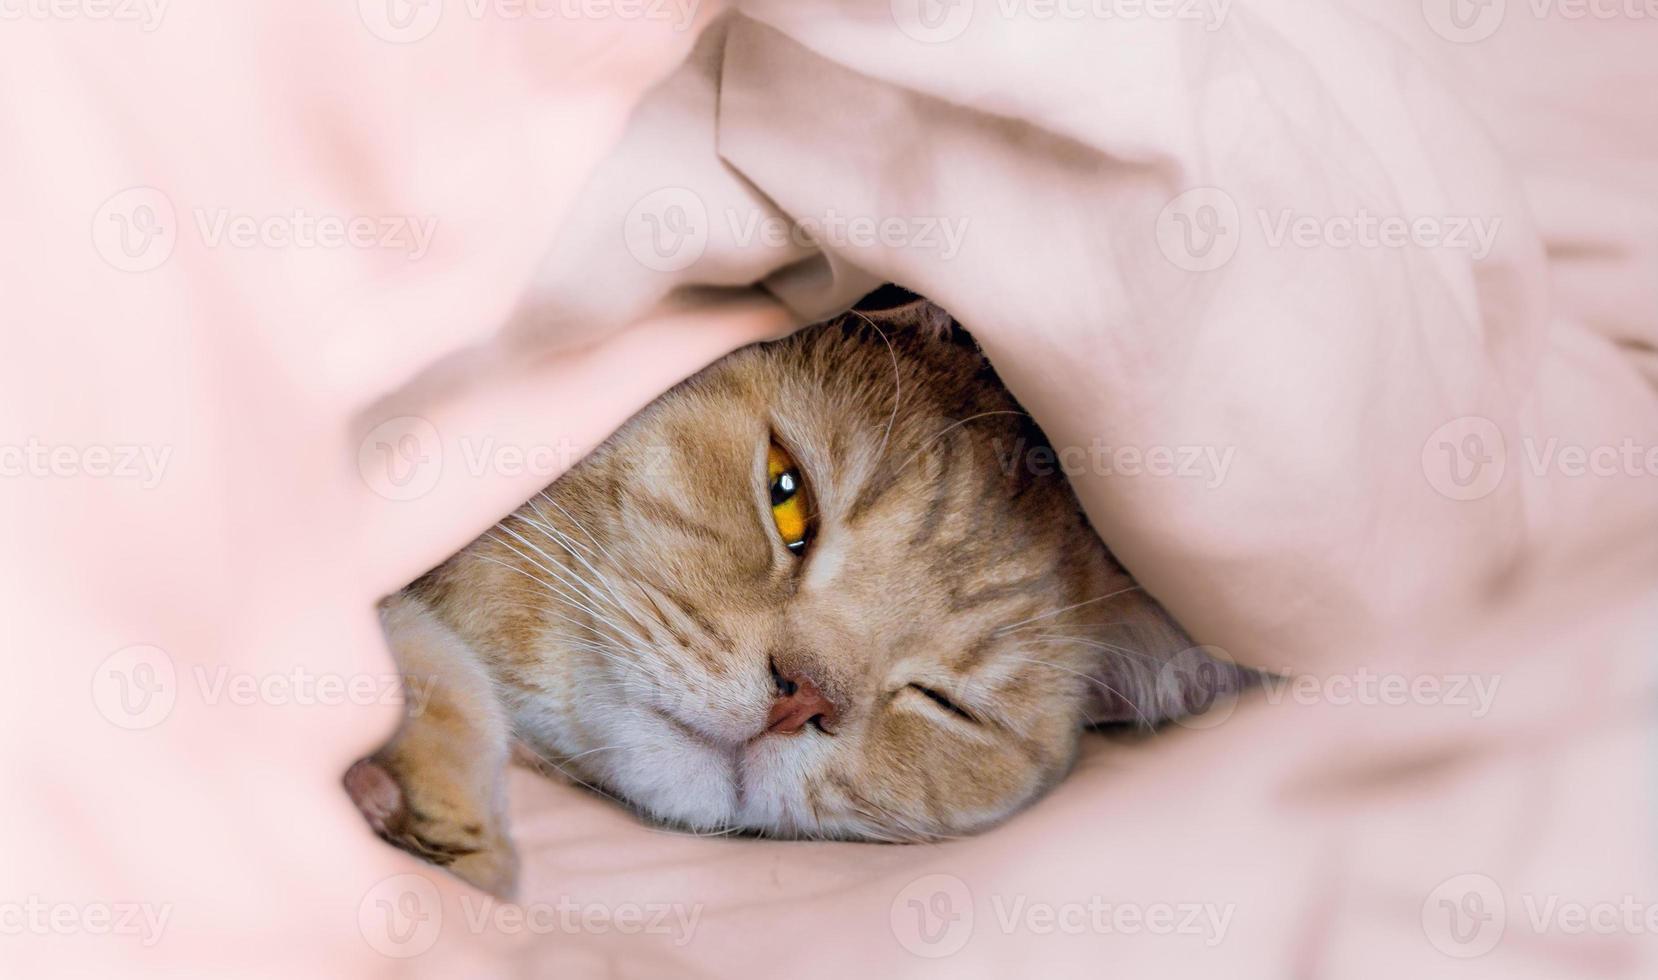 beau chat britannique. photo